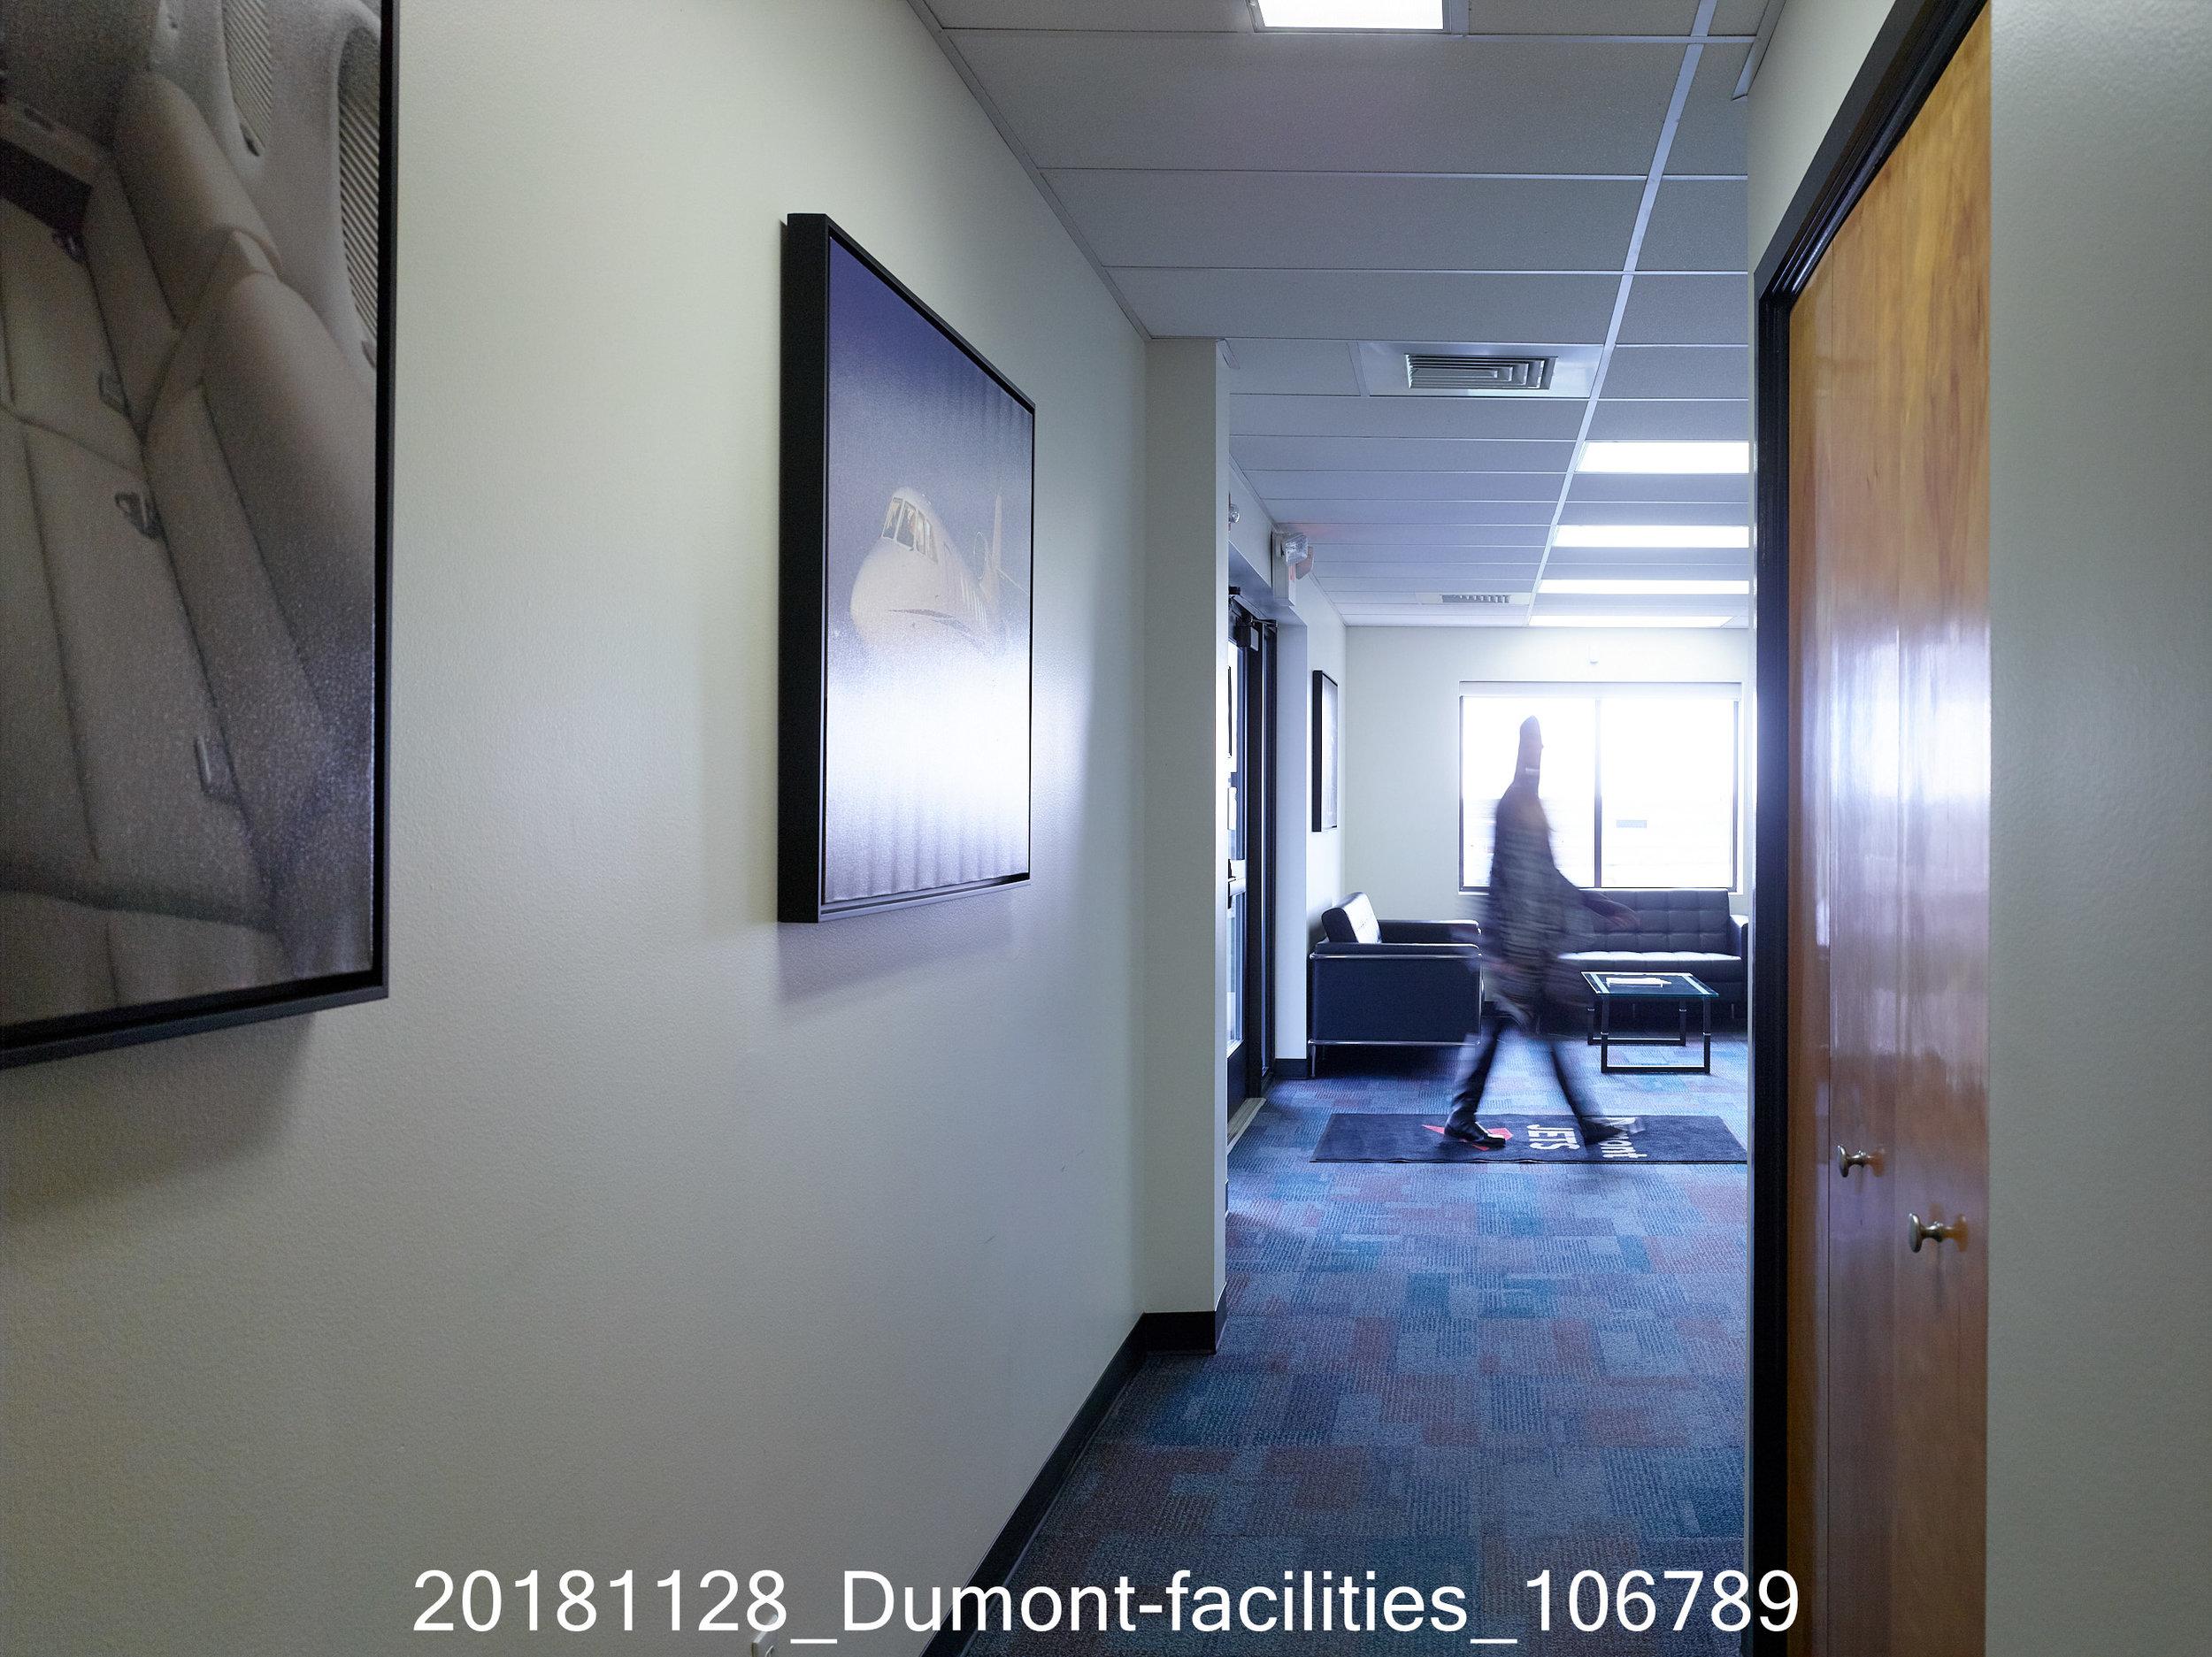 20181128_Dumont-facilities_106789.jpg